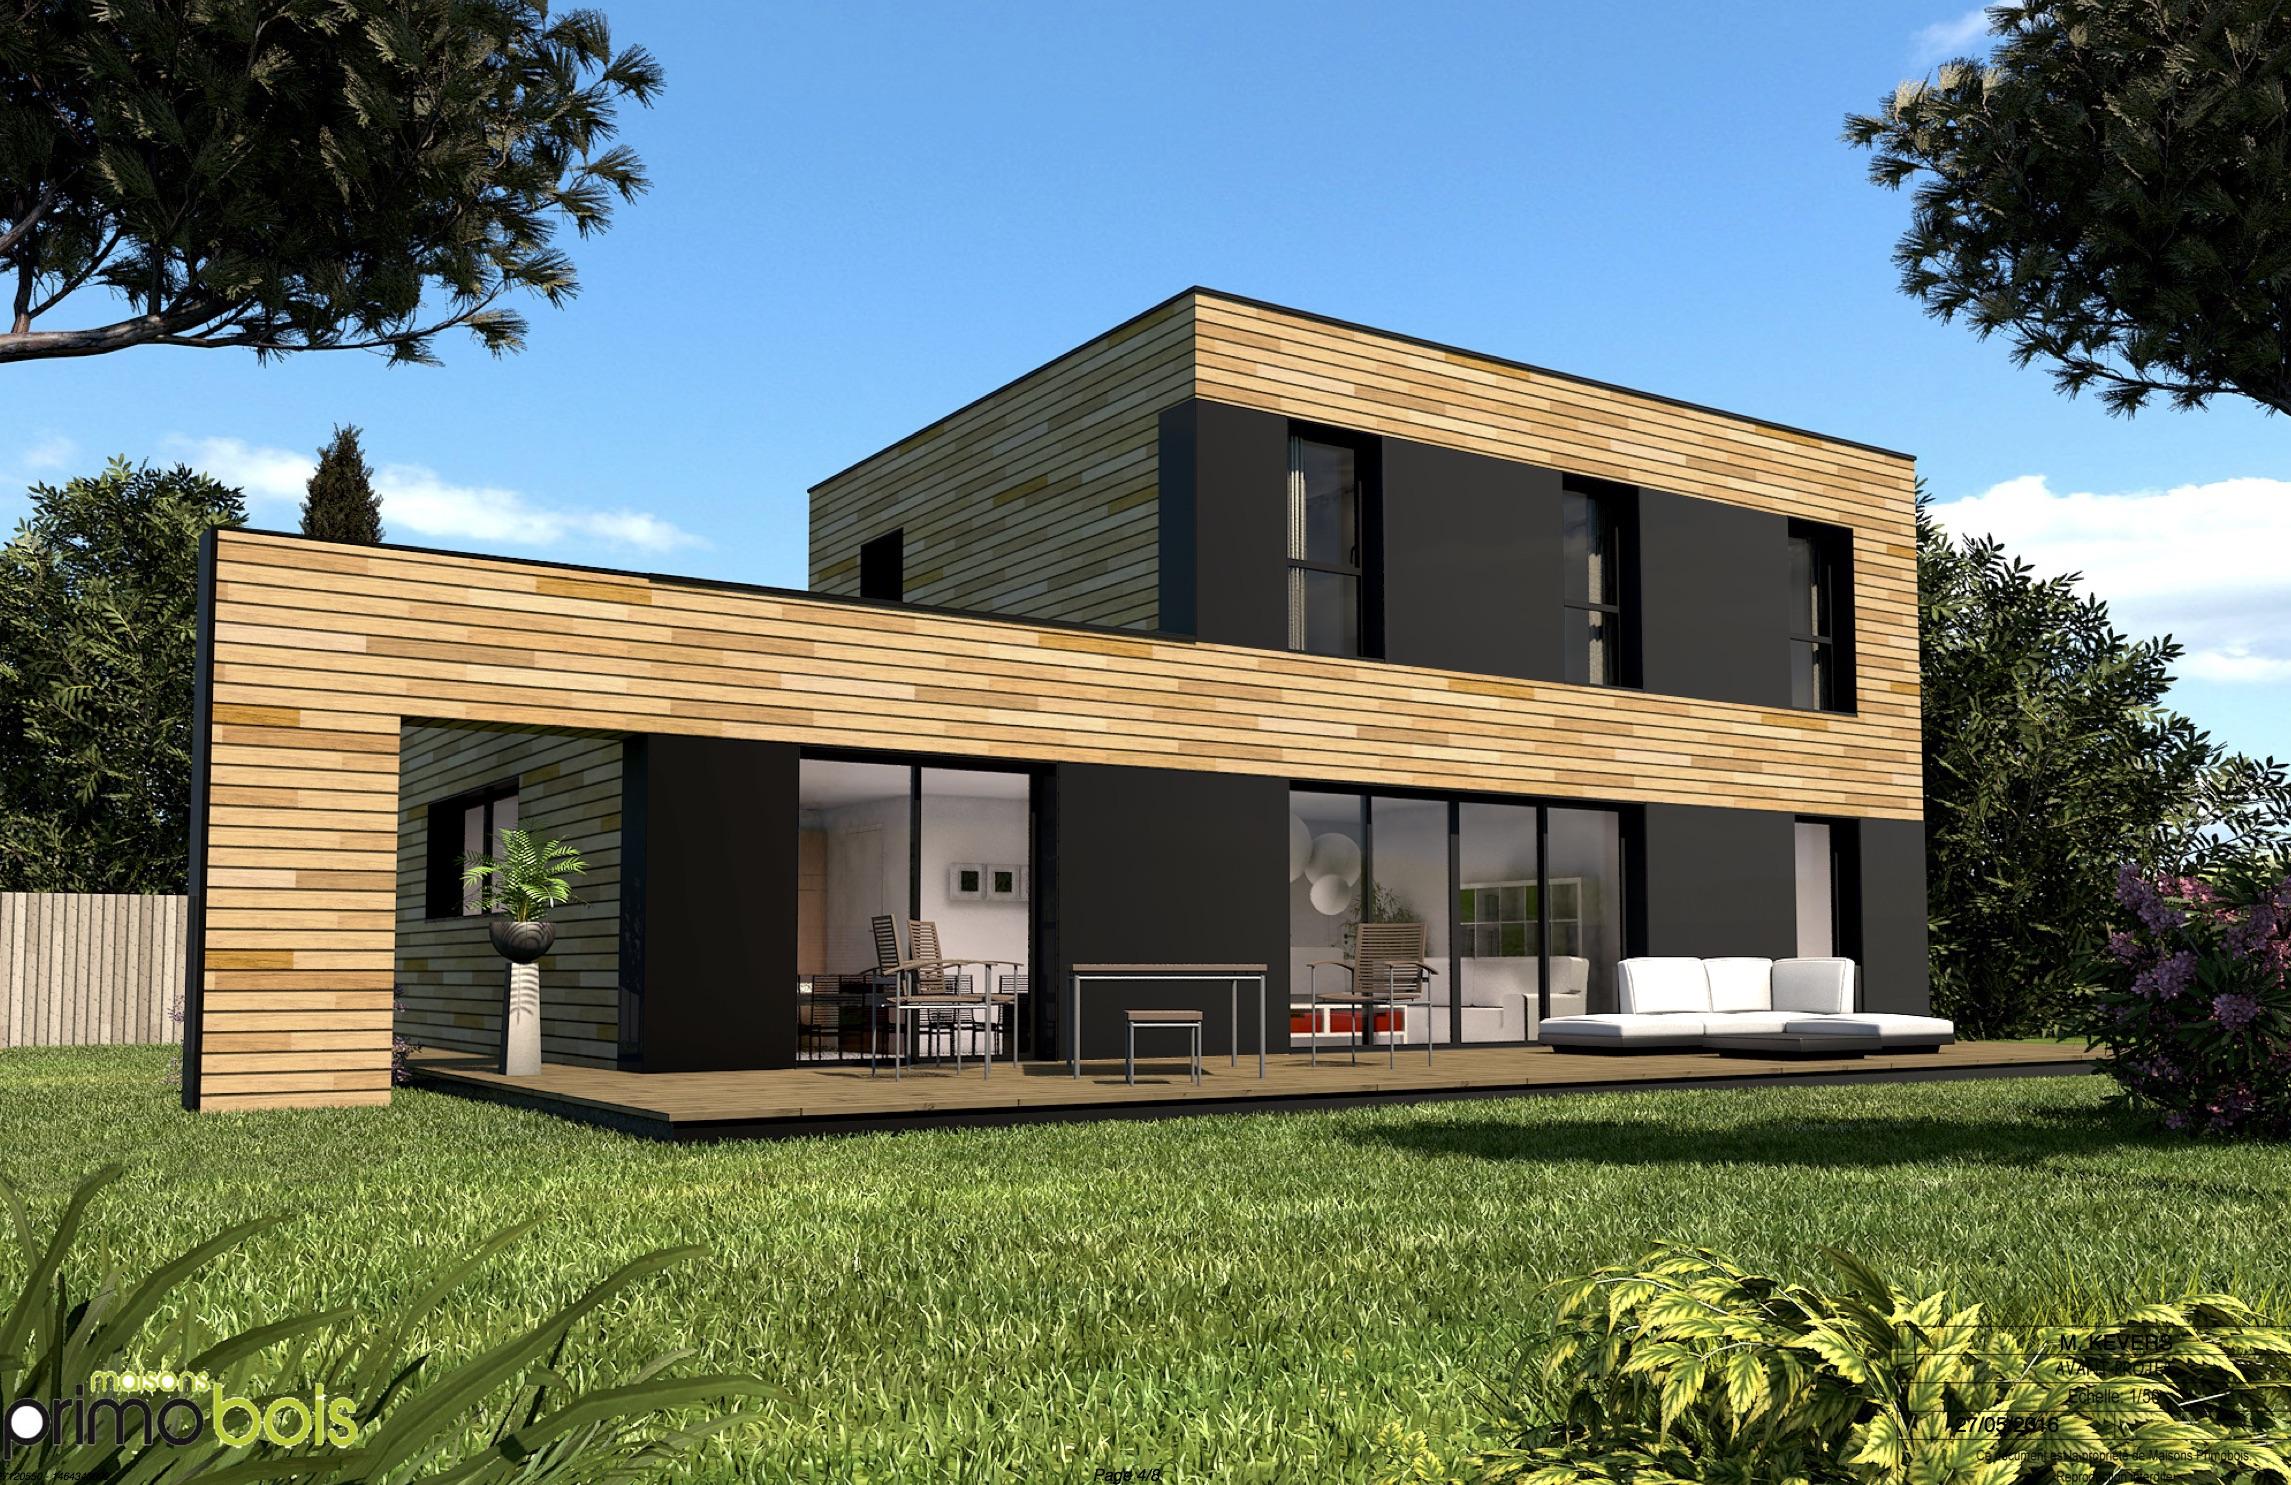 Maison bois architecte CCMI pas cher